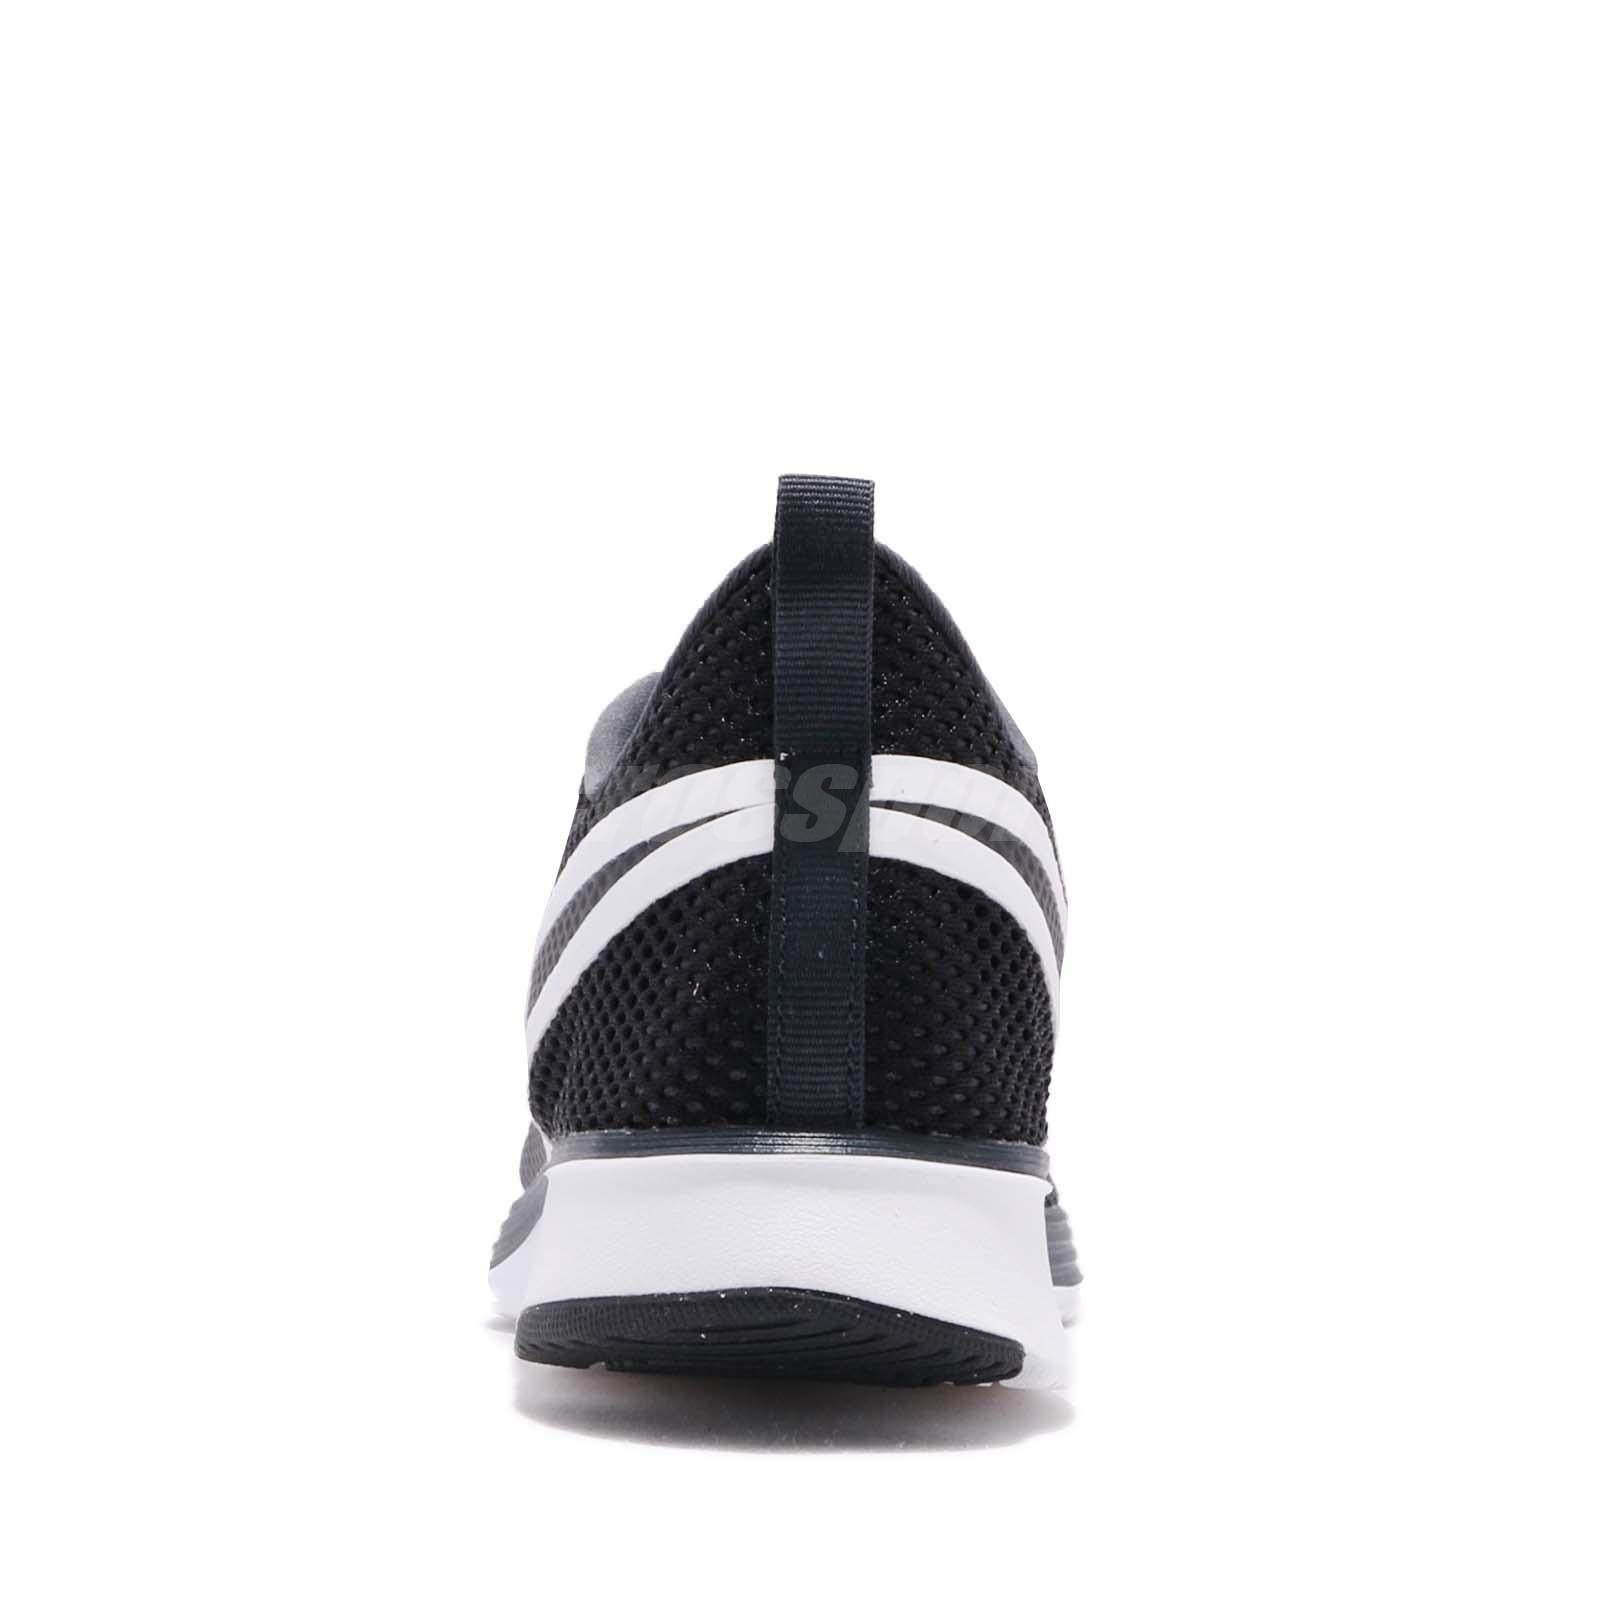 9fe0757814179 Nike Zoom Strike 2 Black White Men Running Training Shoes Sneakers ...